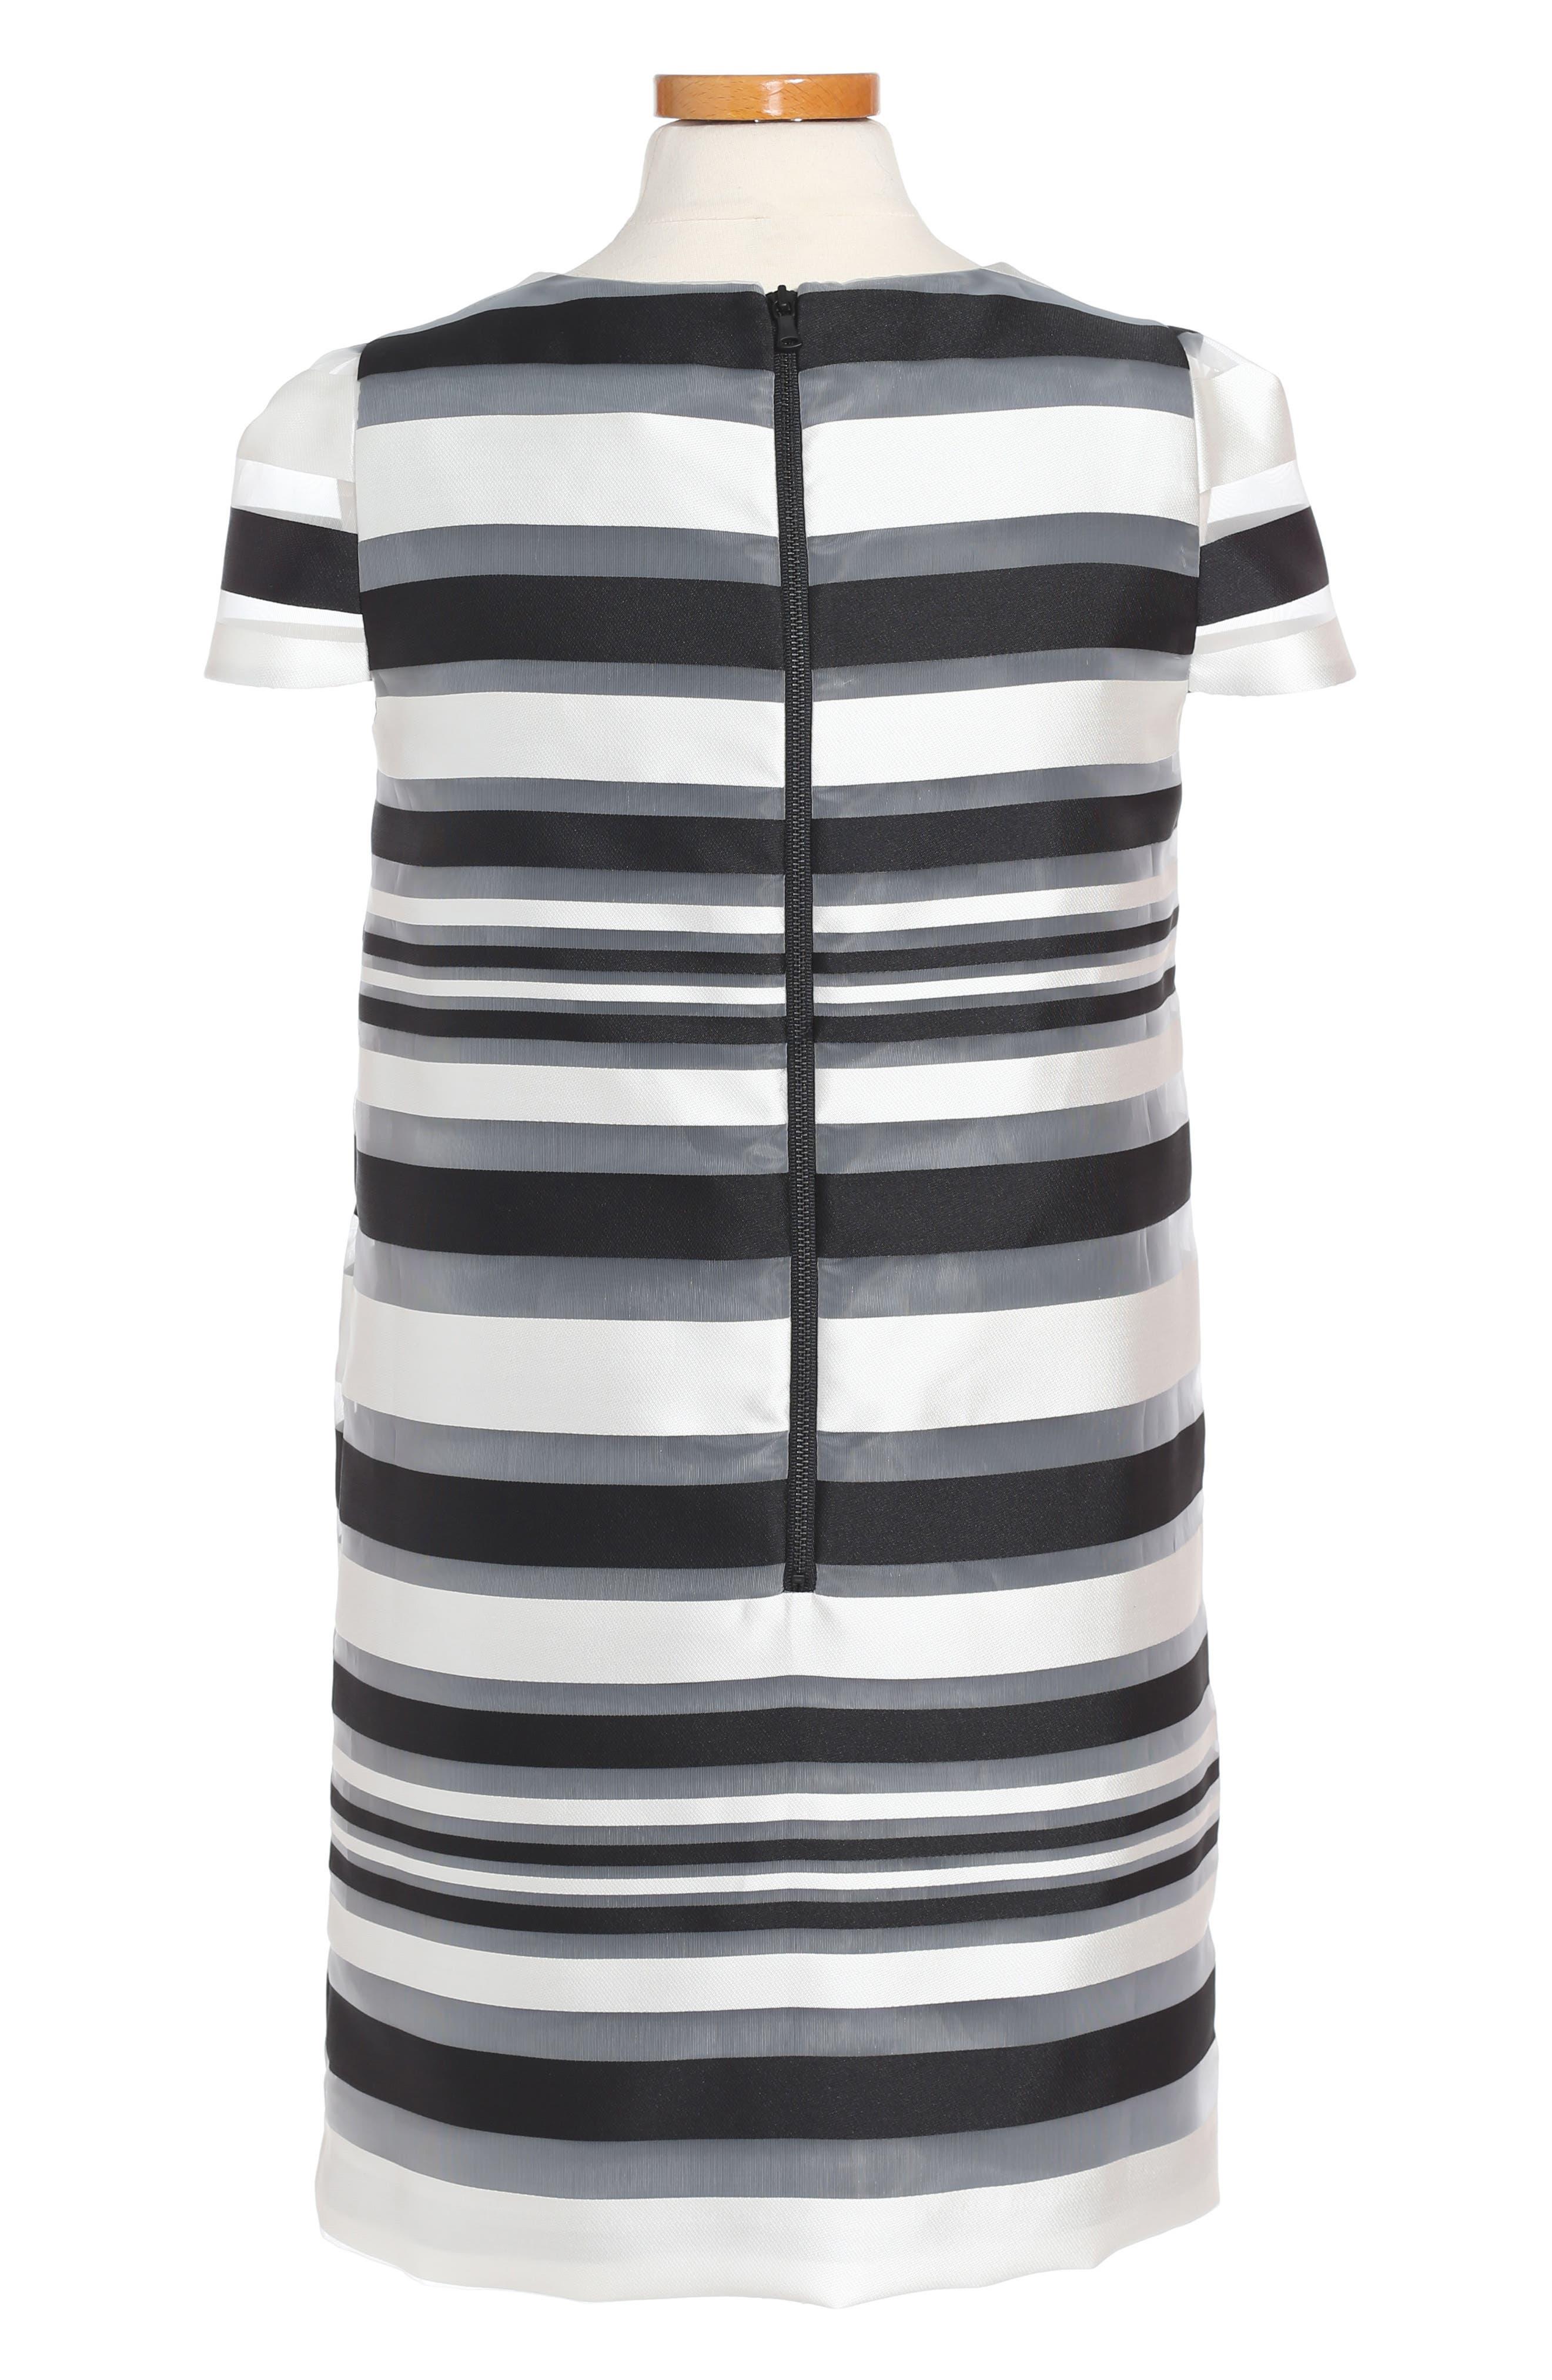 Chloe Illusion Stripe Shift Dress,                             Alternate thumbnail 2, color,                             White/ Black